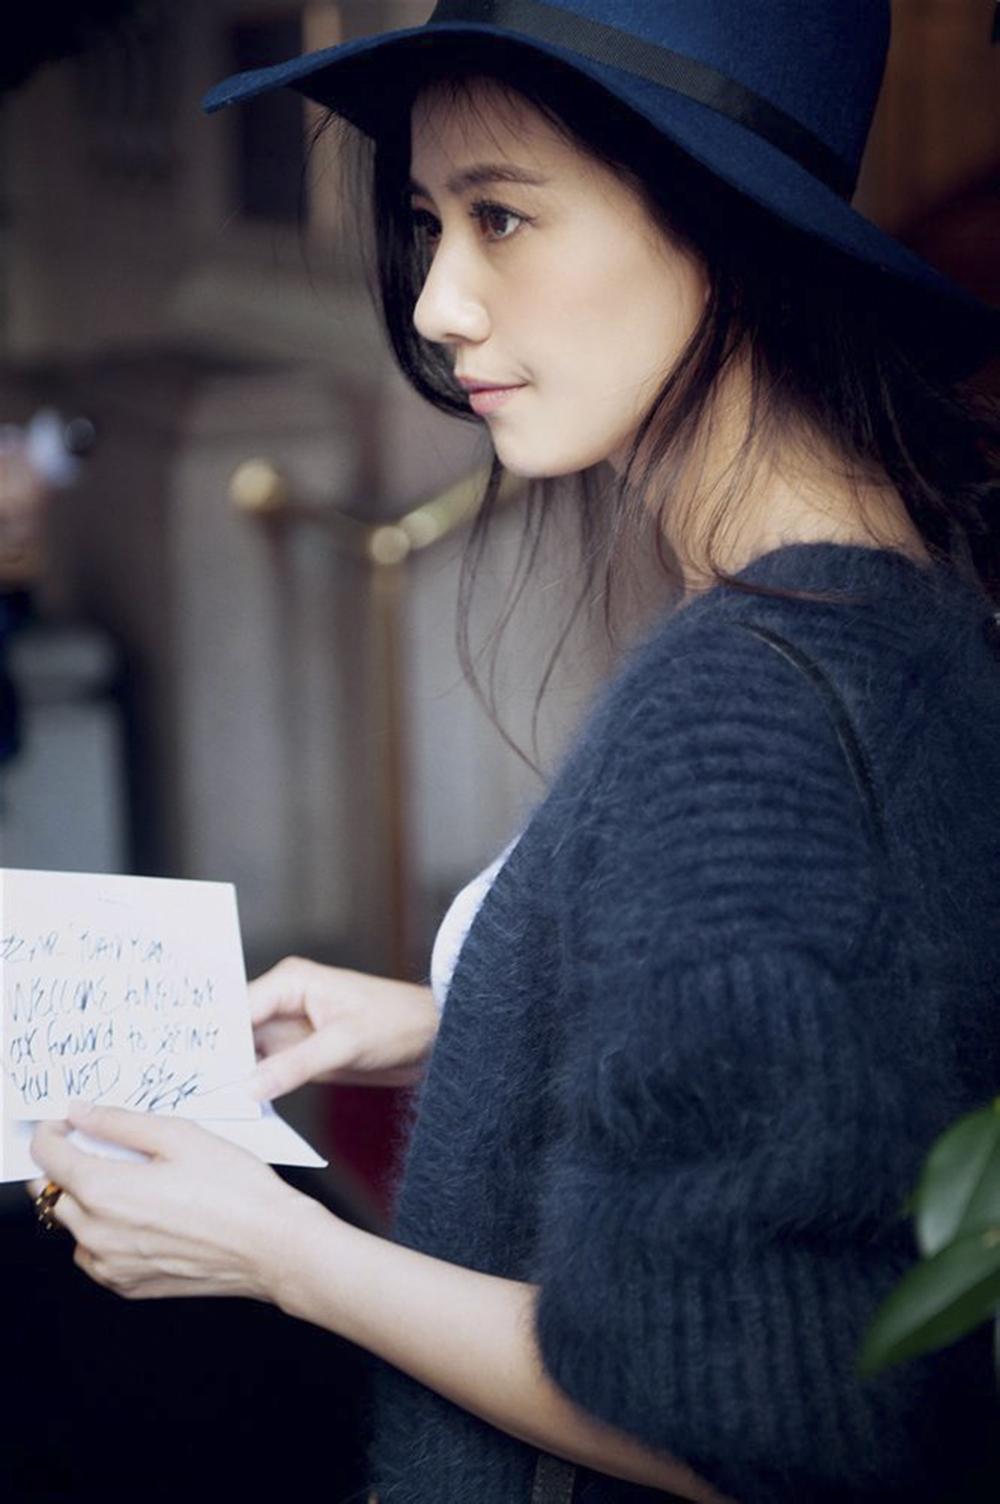 gaoyuanyuan46